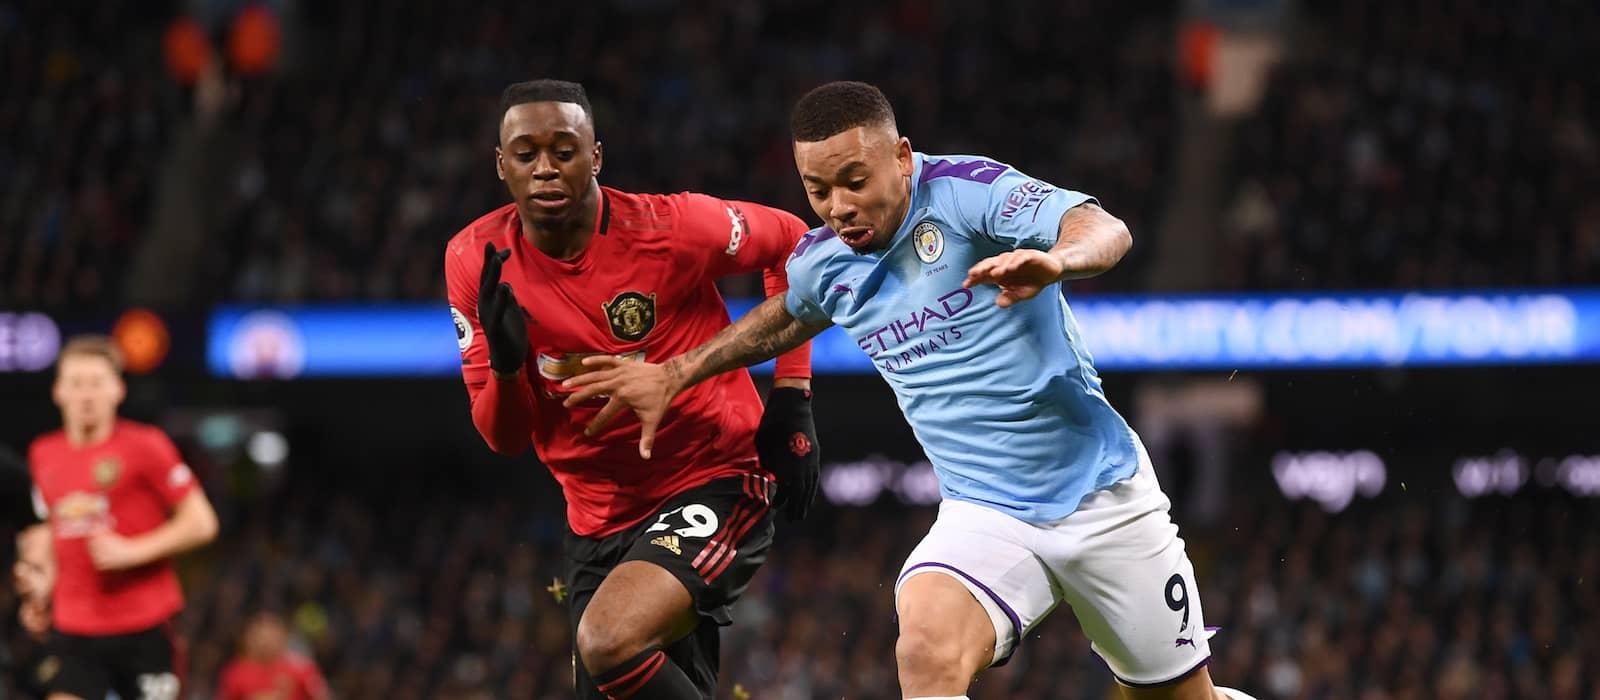 Darren Fletcher: Nobody can get past Manchester United star Aaron Wan-Bissaka in training